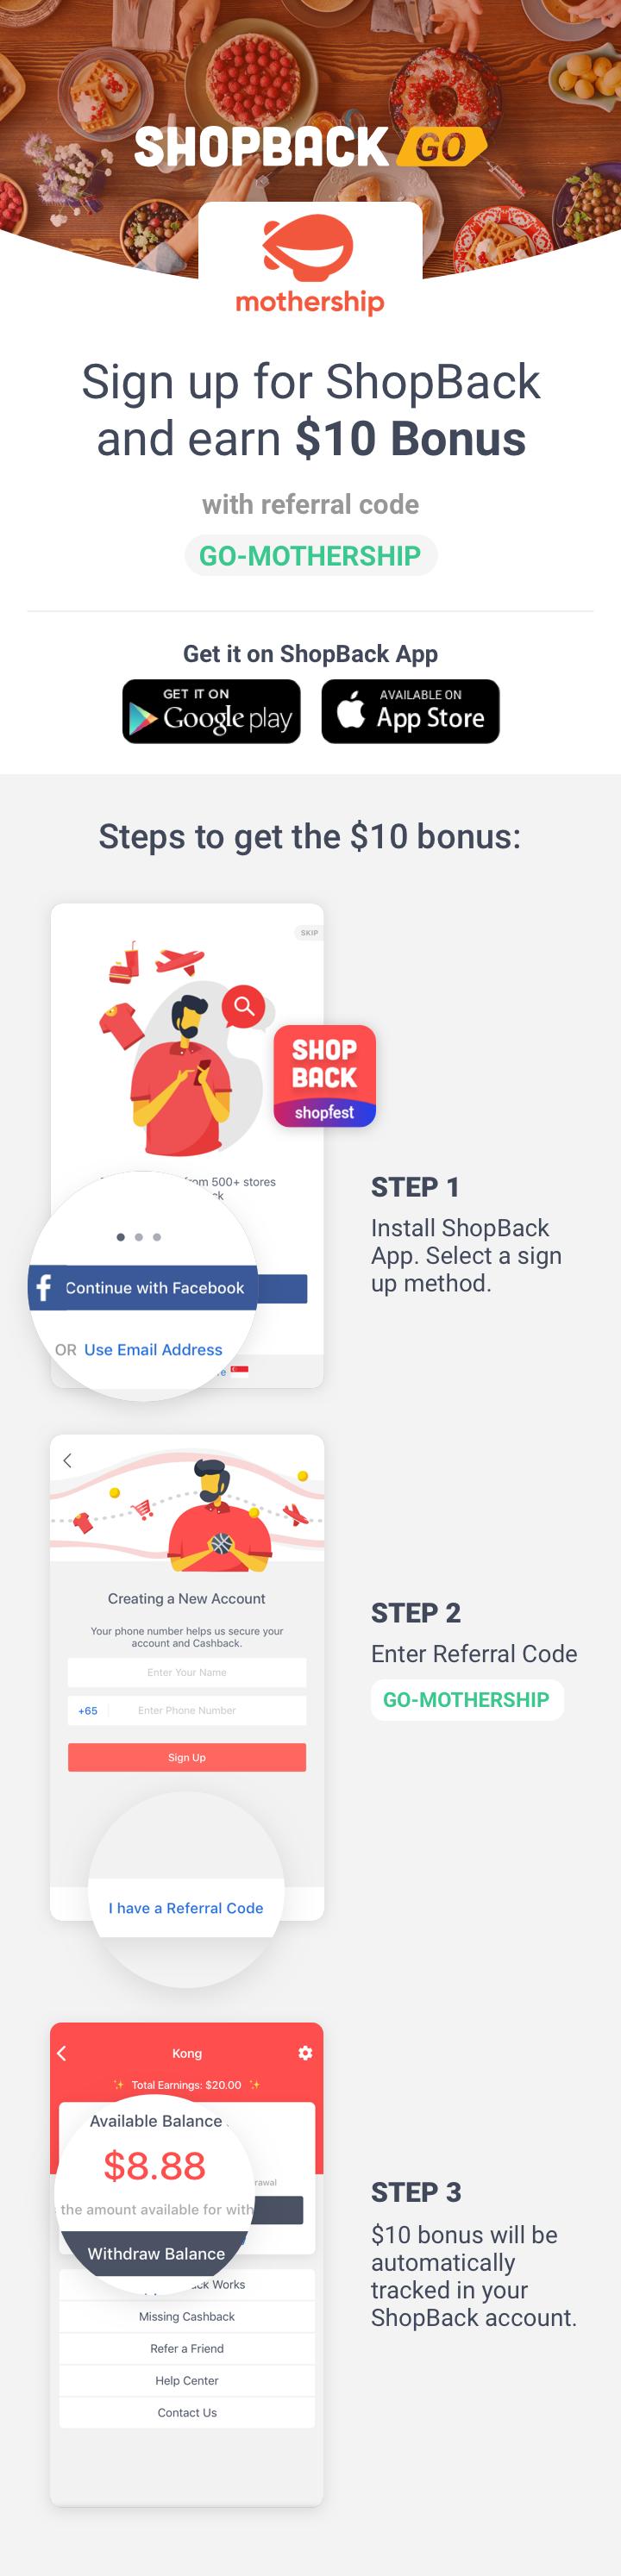 ShopBack GO x Mothership